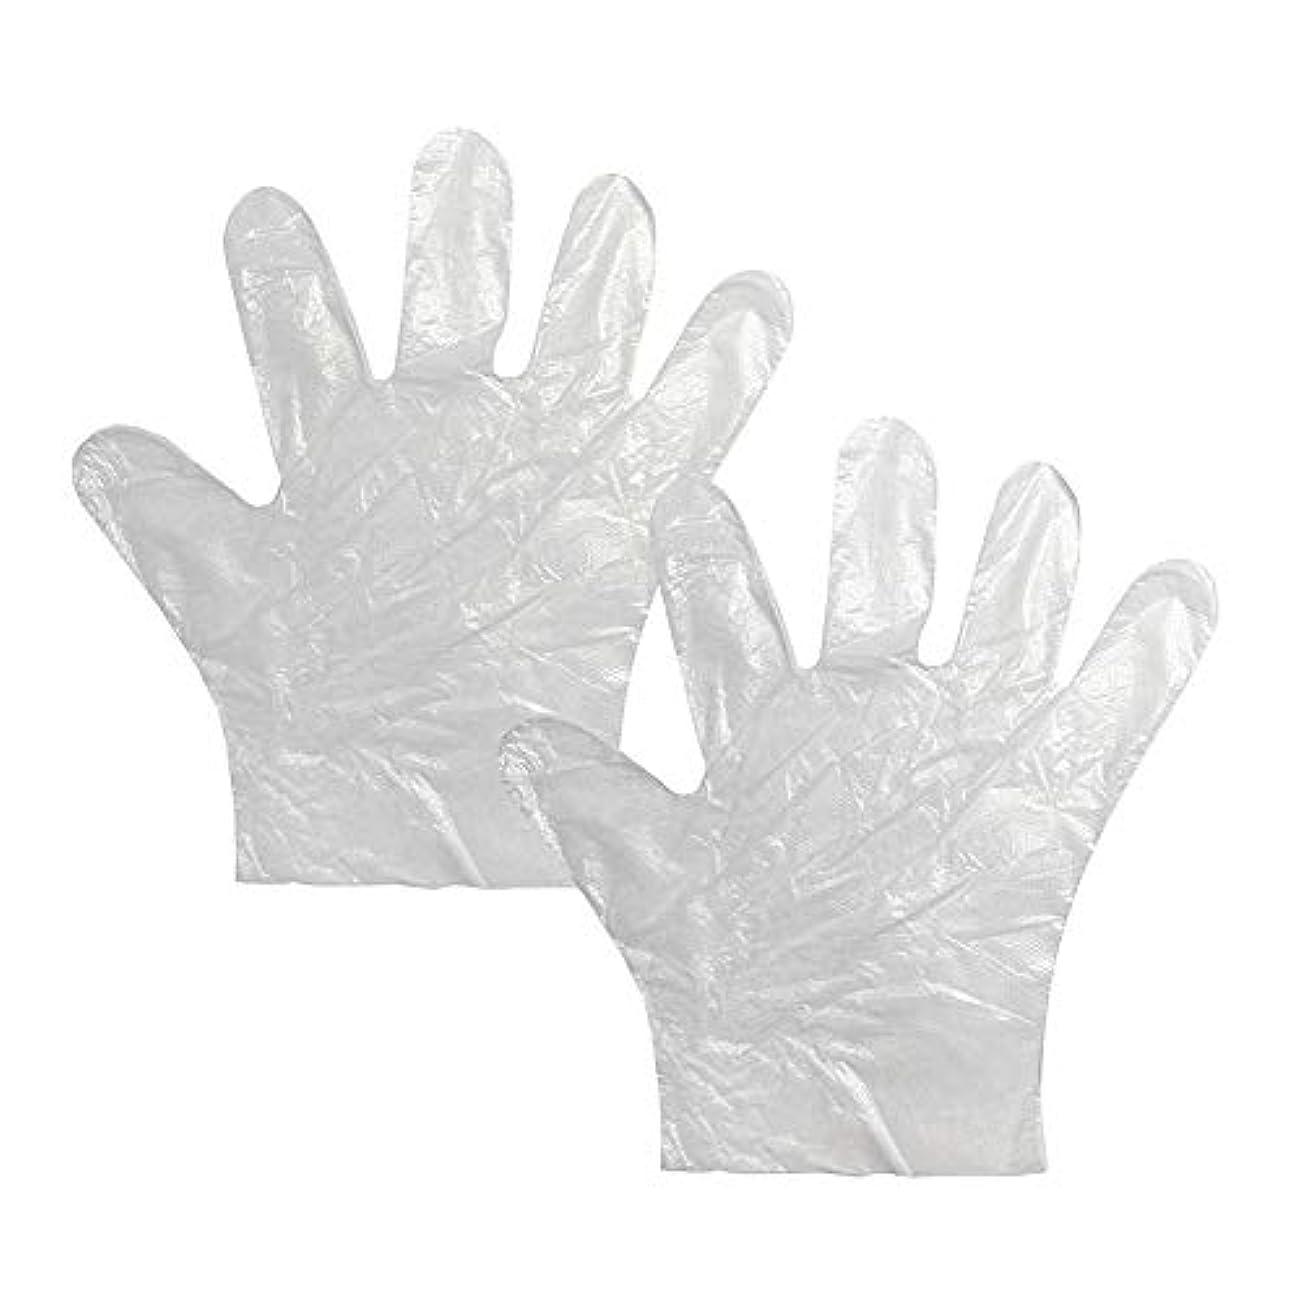 シェトランド諸島充電キャラバンKUKUYA(ククヤ) 使い捨て手袋 極薄ビニール手袋 ポリエチレン 透明 実用 衛生 100枚*2セット